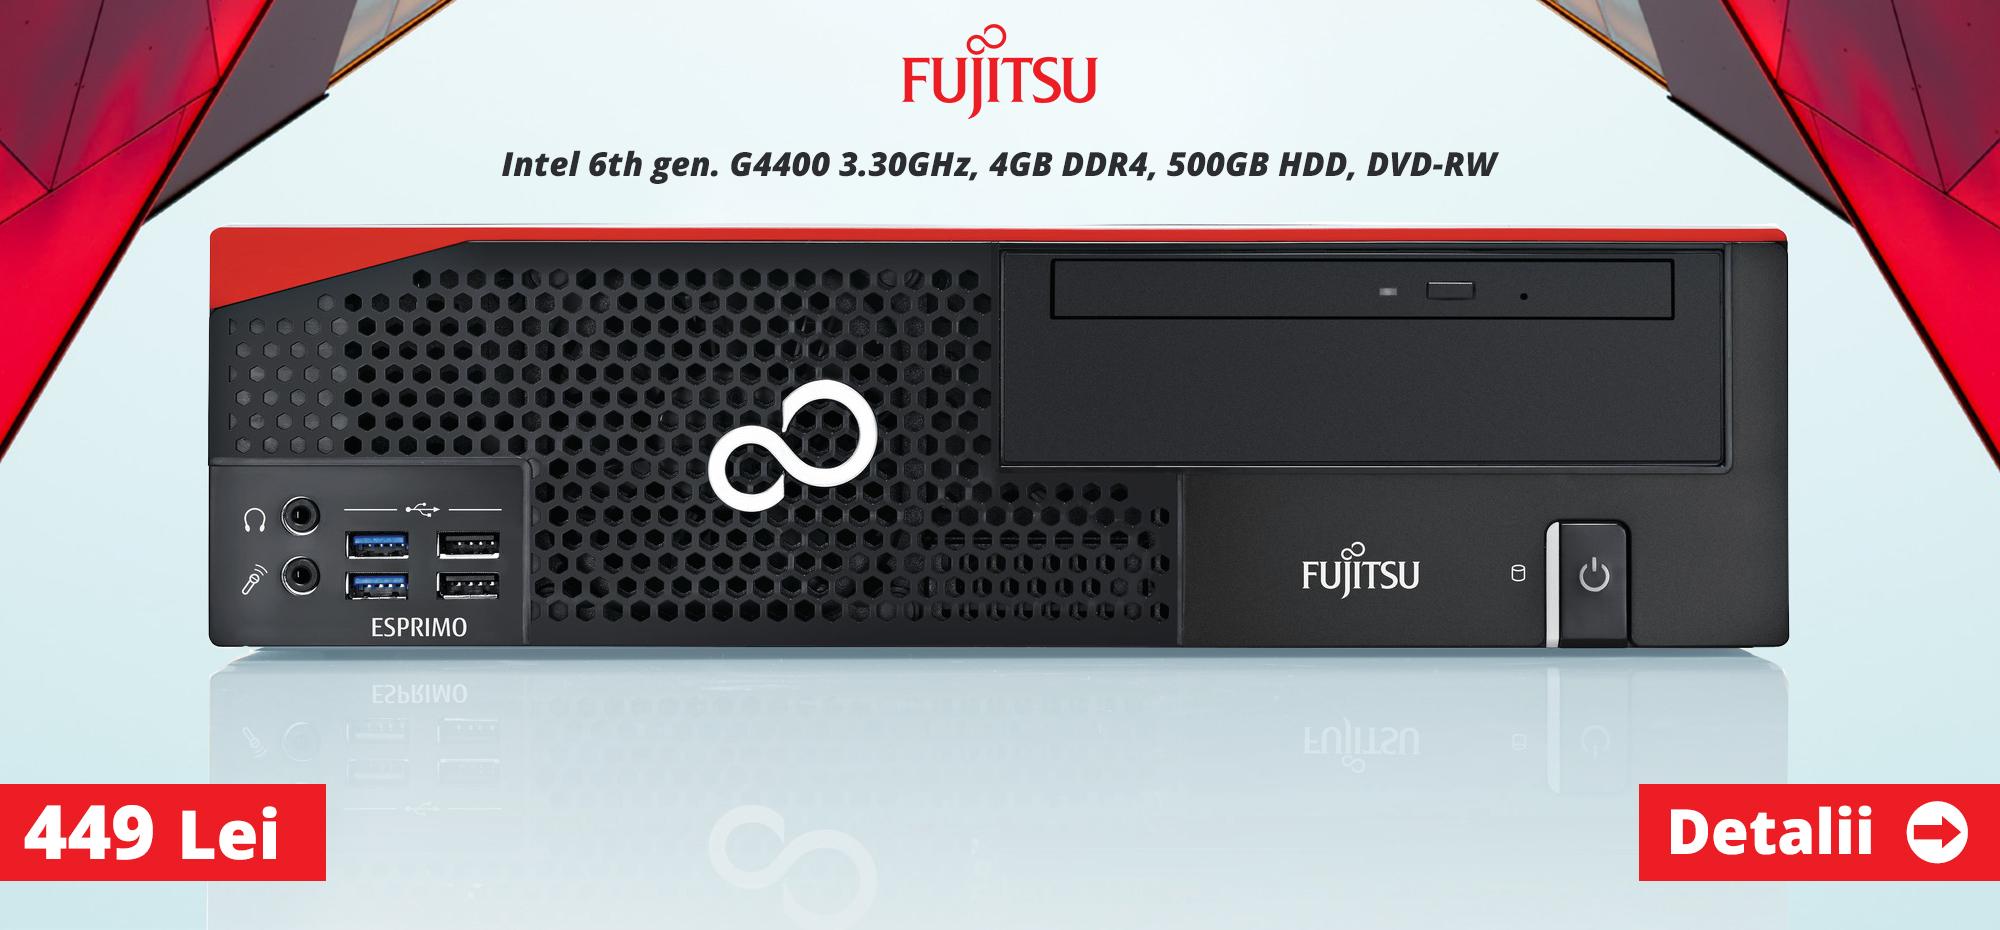 Fujitsu D556